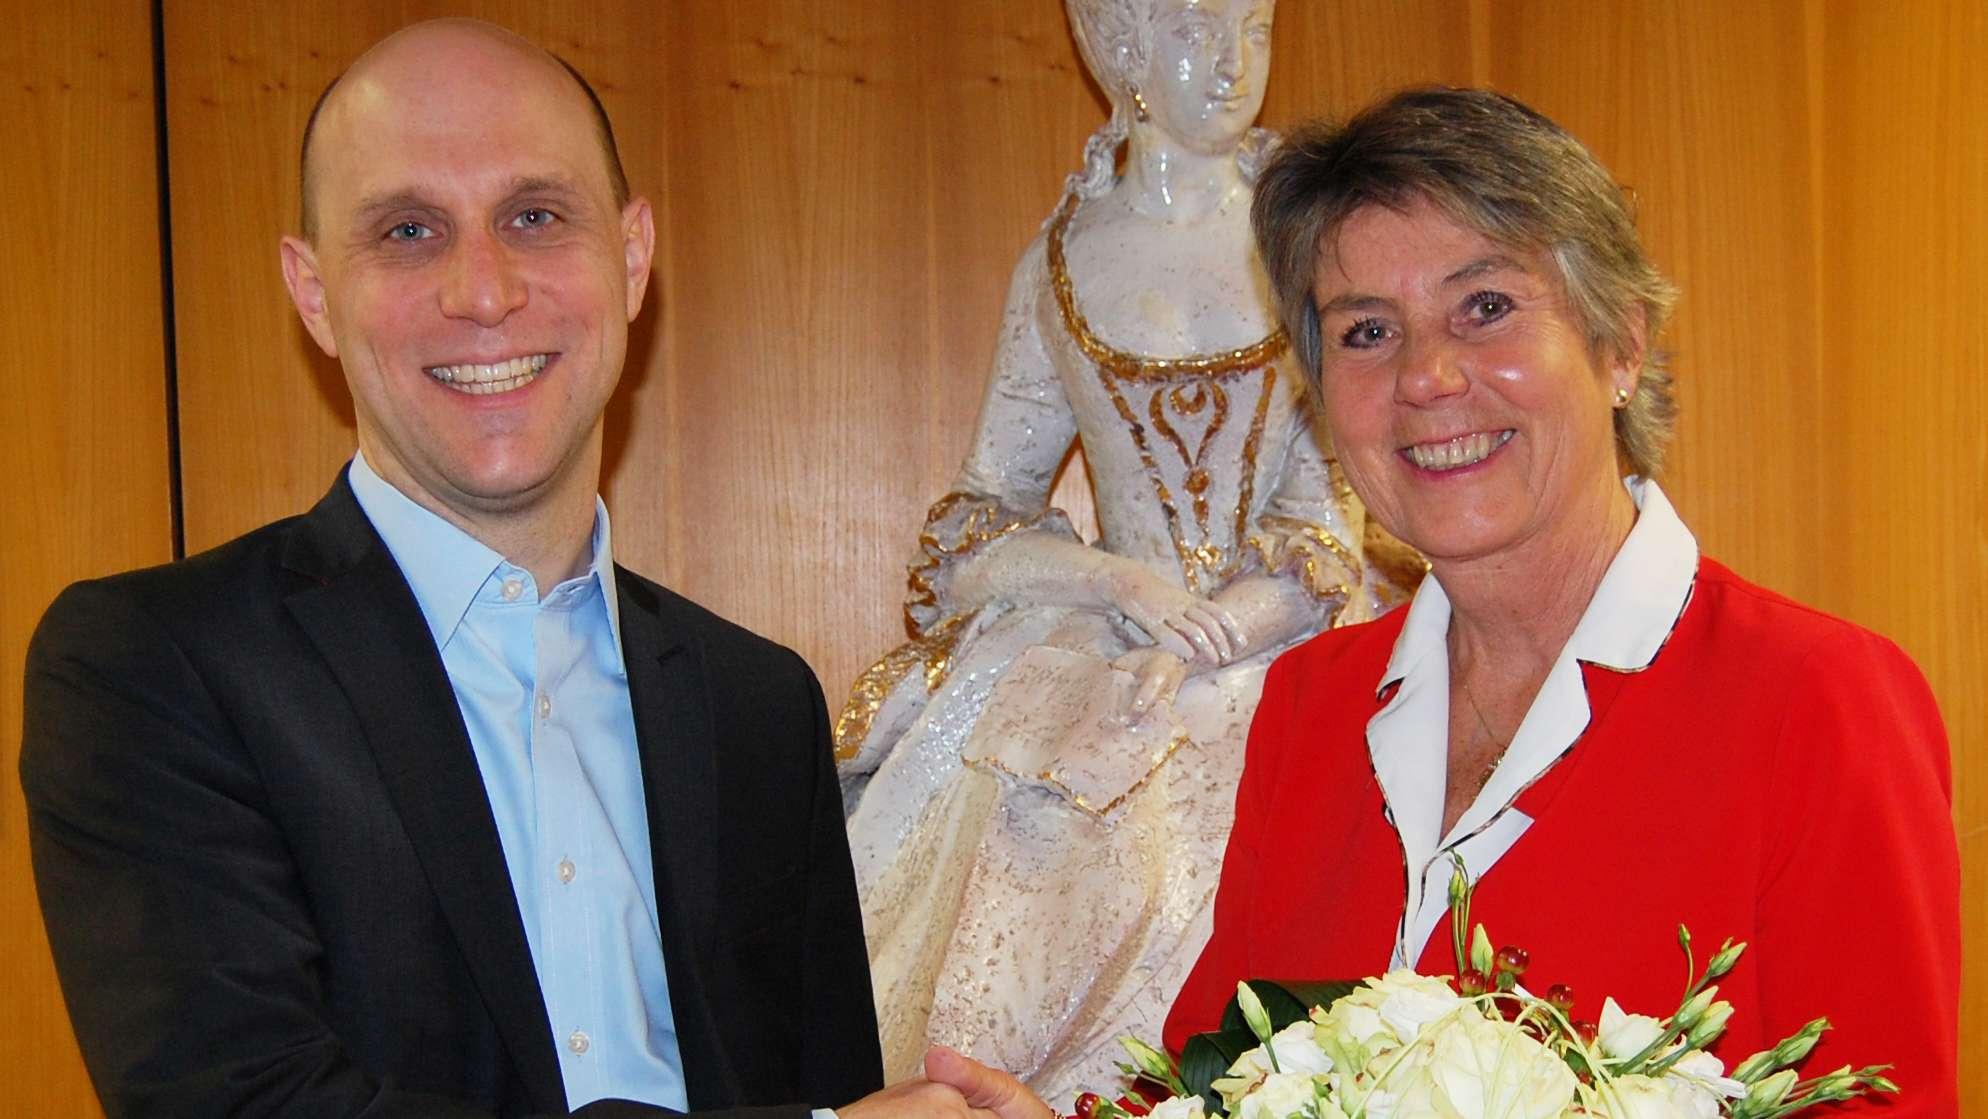 Der neue Bayreuther Kulturreferent Benedikt Stegmayer und Oberbürgermeisterin Brigitte Merk-Erbe geben sich die Hand.